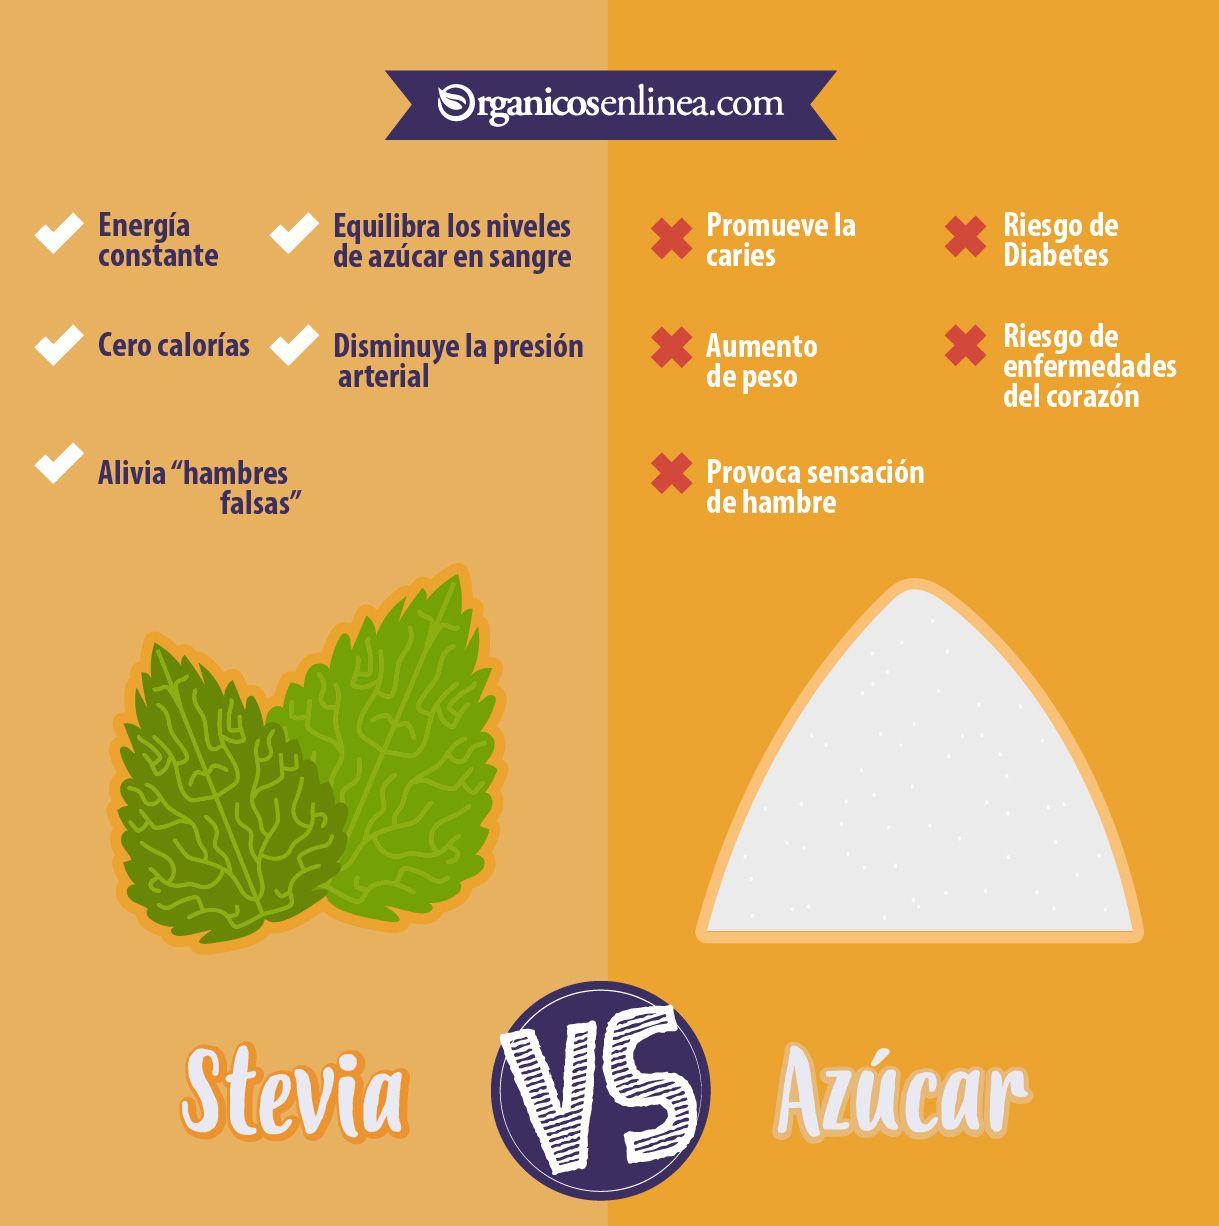 Stevia 🍃vs. Azúcar ☠️ Visita www.organicosenlinea.com